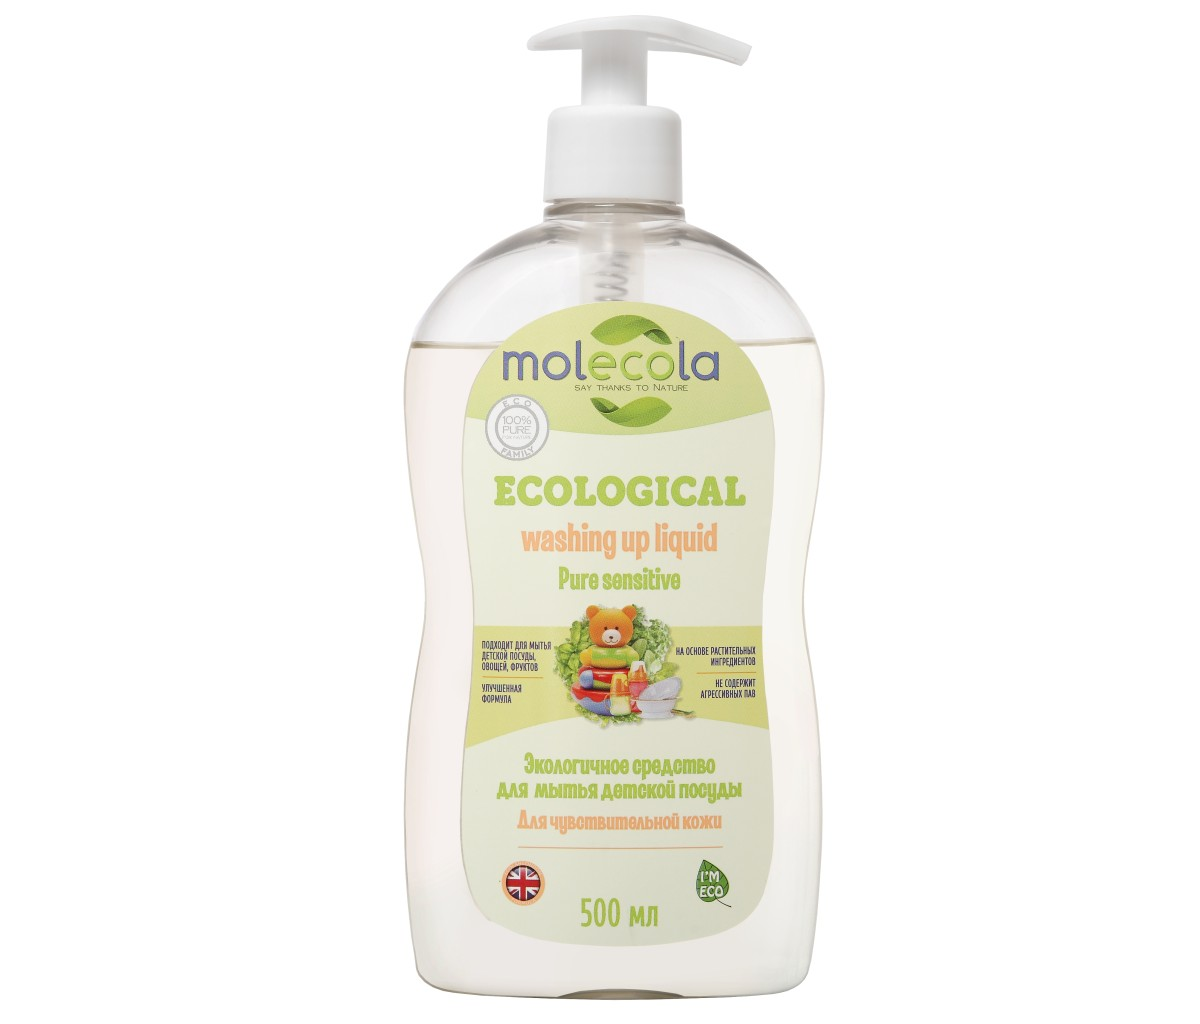 Средство для мытья детской посуды Molecola Pure Sensitive, экологичное, 500 мл9011Средство Molecola Pure Sensitive гипоаллергенное, концентрированное средство для мытья детской посуды с нежным ароматом. Средство подходит длямытья сосок, бутылок, прорезывателей, а так же кухонных принадлежностей.Может использоваться для мытья овощей и фруктов.Мягко воздействует на кожу рук, не раздражая ее. Новая формула на основе безопасных растительных ингредиентов обеспечивает высокую эффективность и экологичность использования. Состав: Вода , > 5% анионные ПАВ, глицерин, > 5% аморфные ПАВ, загуститель (ксантановая камедь), консервант, отдушка, лимонная кислота.Товар сертифицирован.Как выбрать качественную бытовую химию, безопасную для природы и людей. Статья OZON Гид